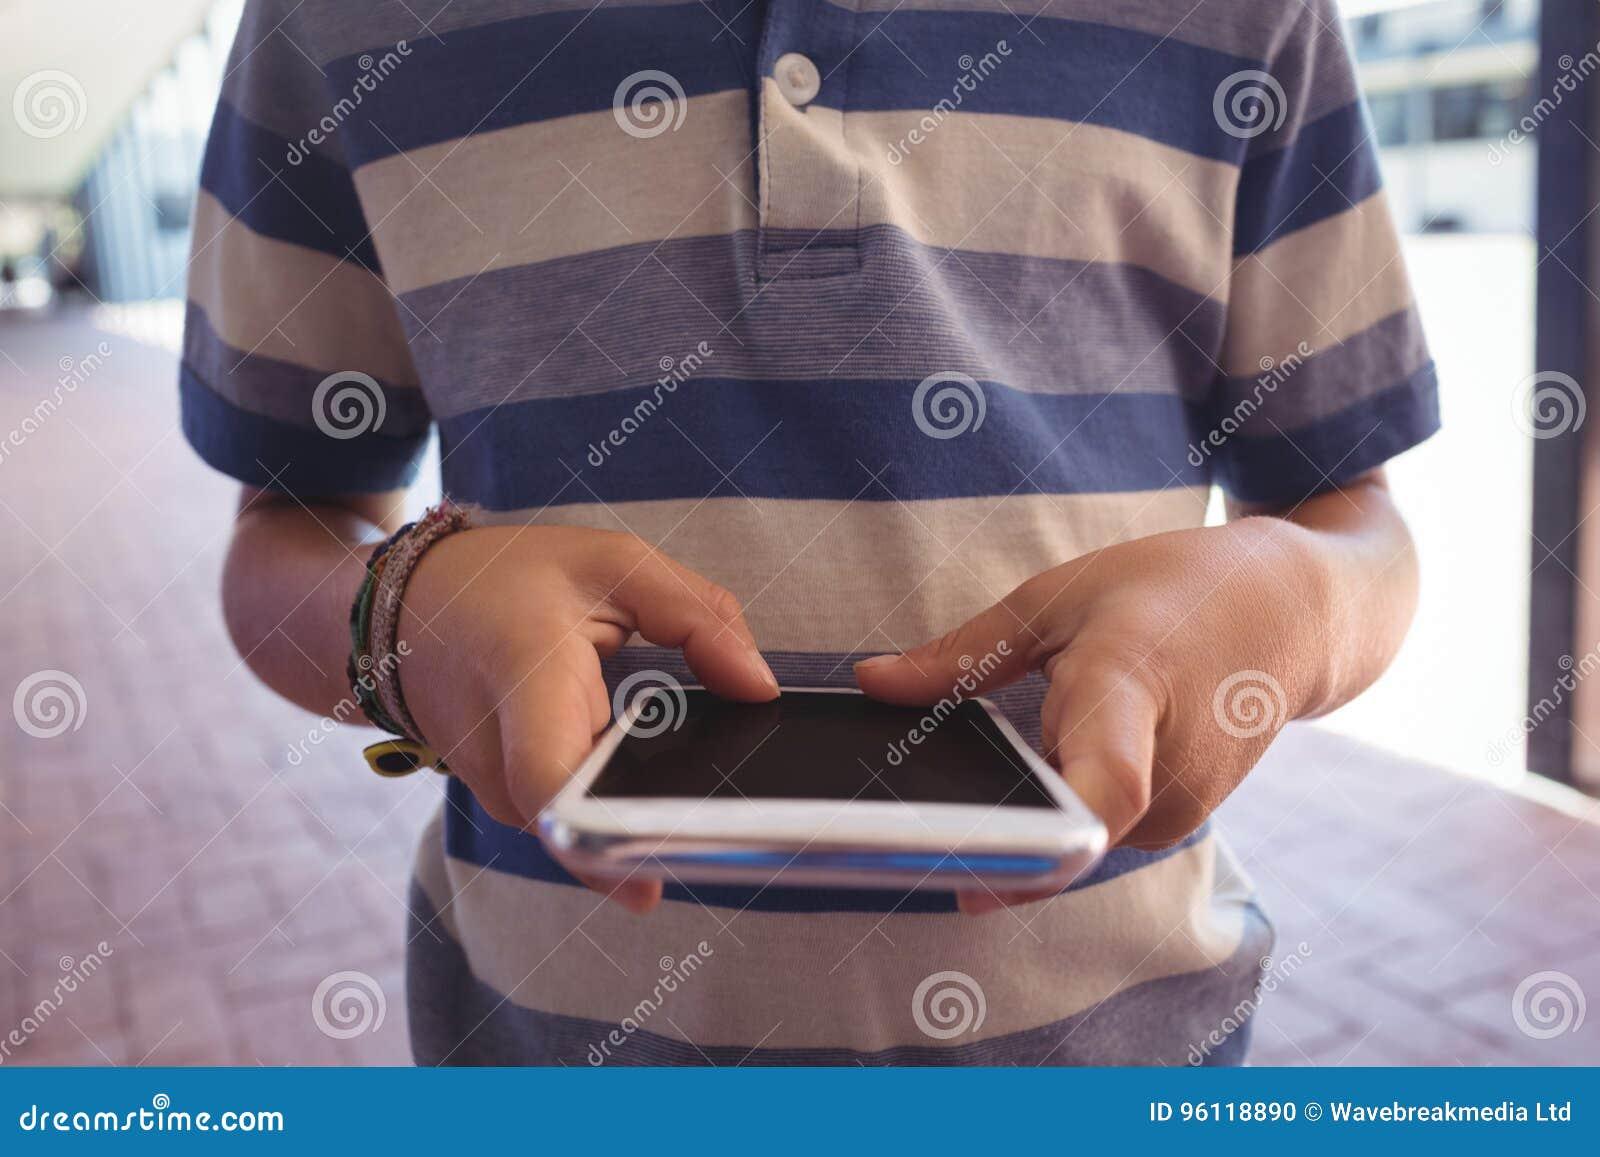 W połowie sekcja chłopiec używa telefon komórkowego